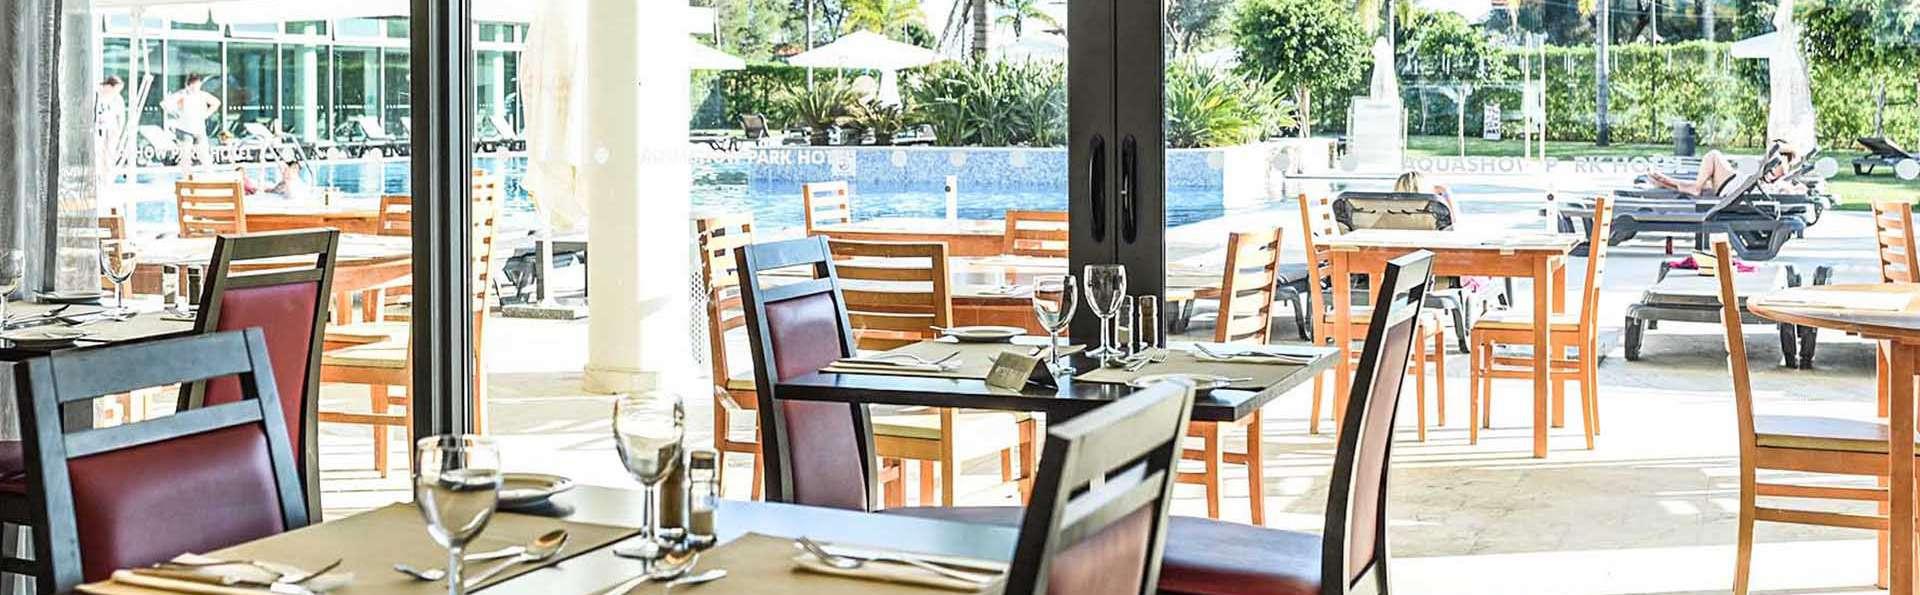 Aquashow Park Hotel - EDIT_Aquashow_07.jpg